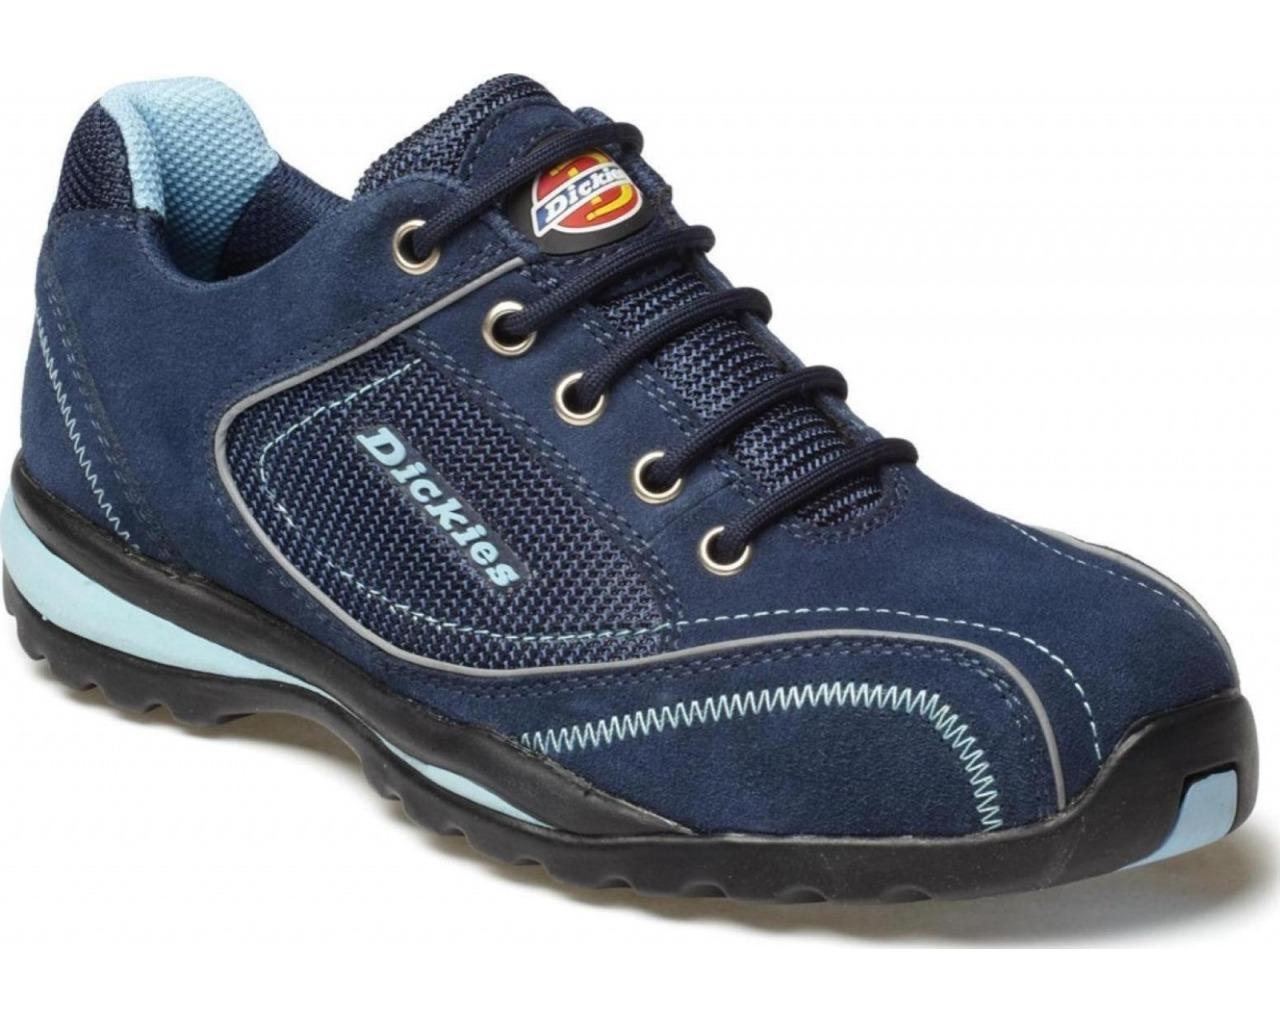 Női Floret San S1 bőr munkavédelmi cipőszandál G3224 36